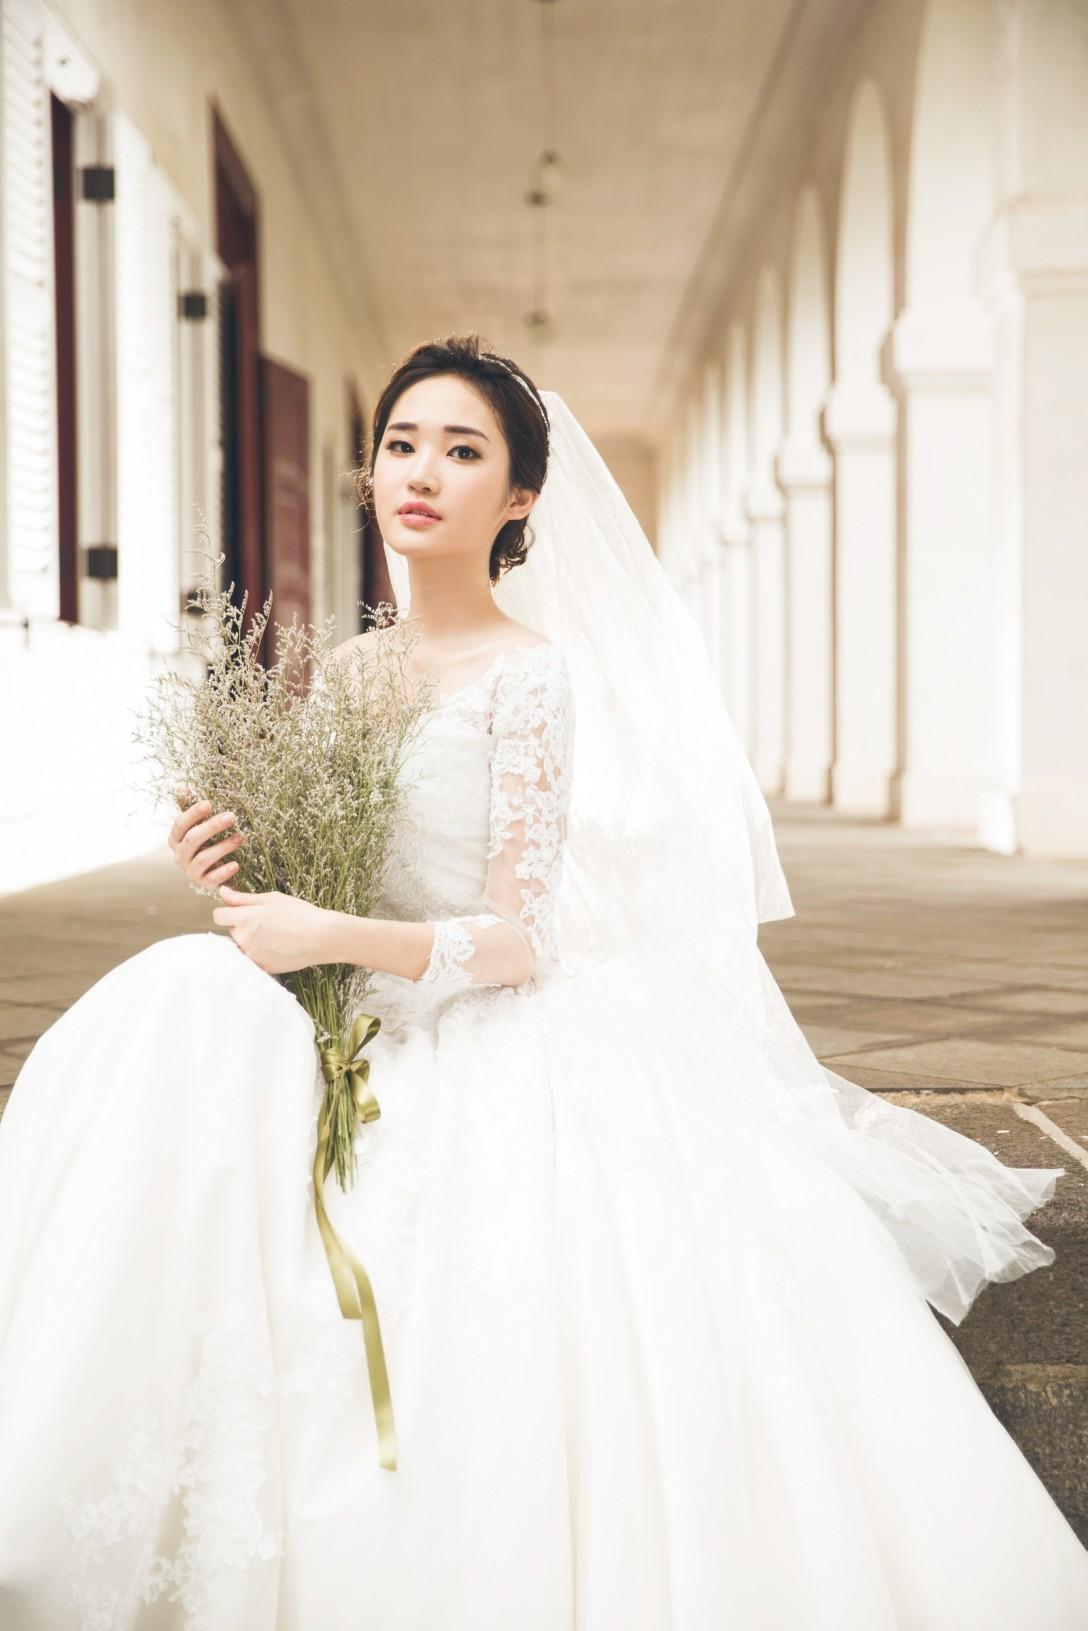 自助婚紗,自助婚紗推薦,自助婚紗風格,婚紗照,e7b693e585b8e99f93e9a2a807